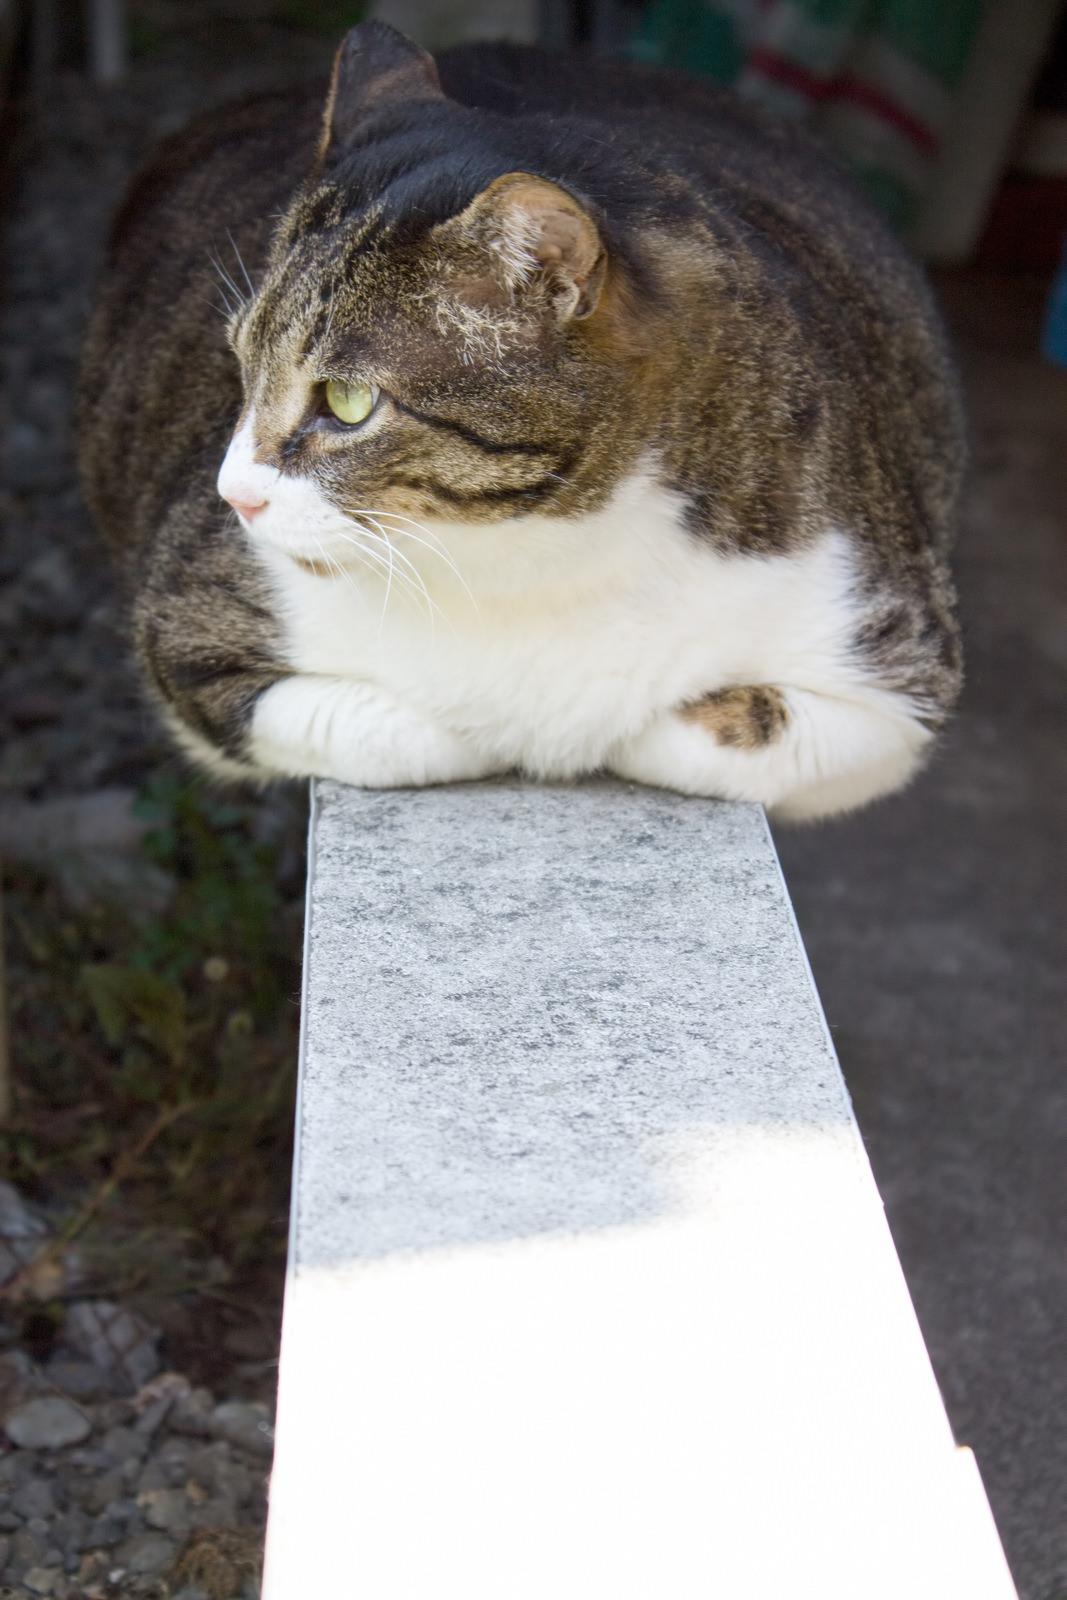 香箱座りのぽっちゃり猫香箱座りのぽっちゃり猫